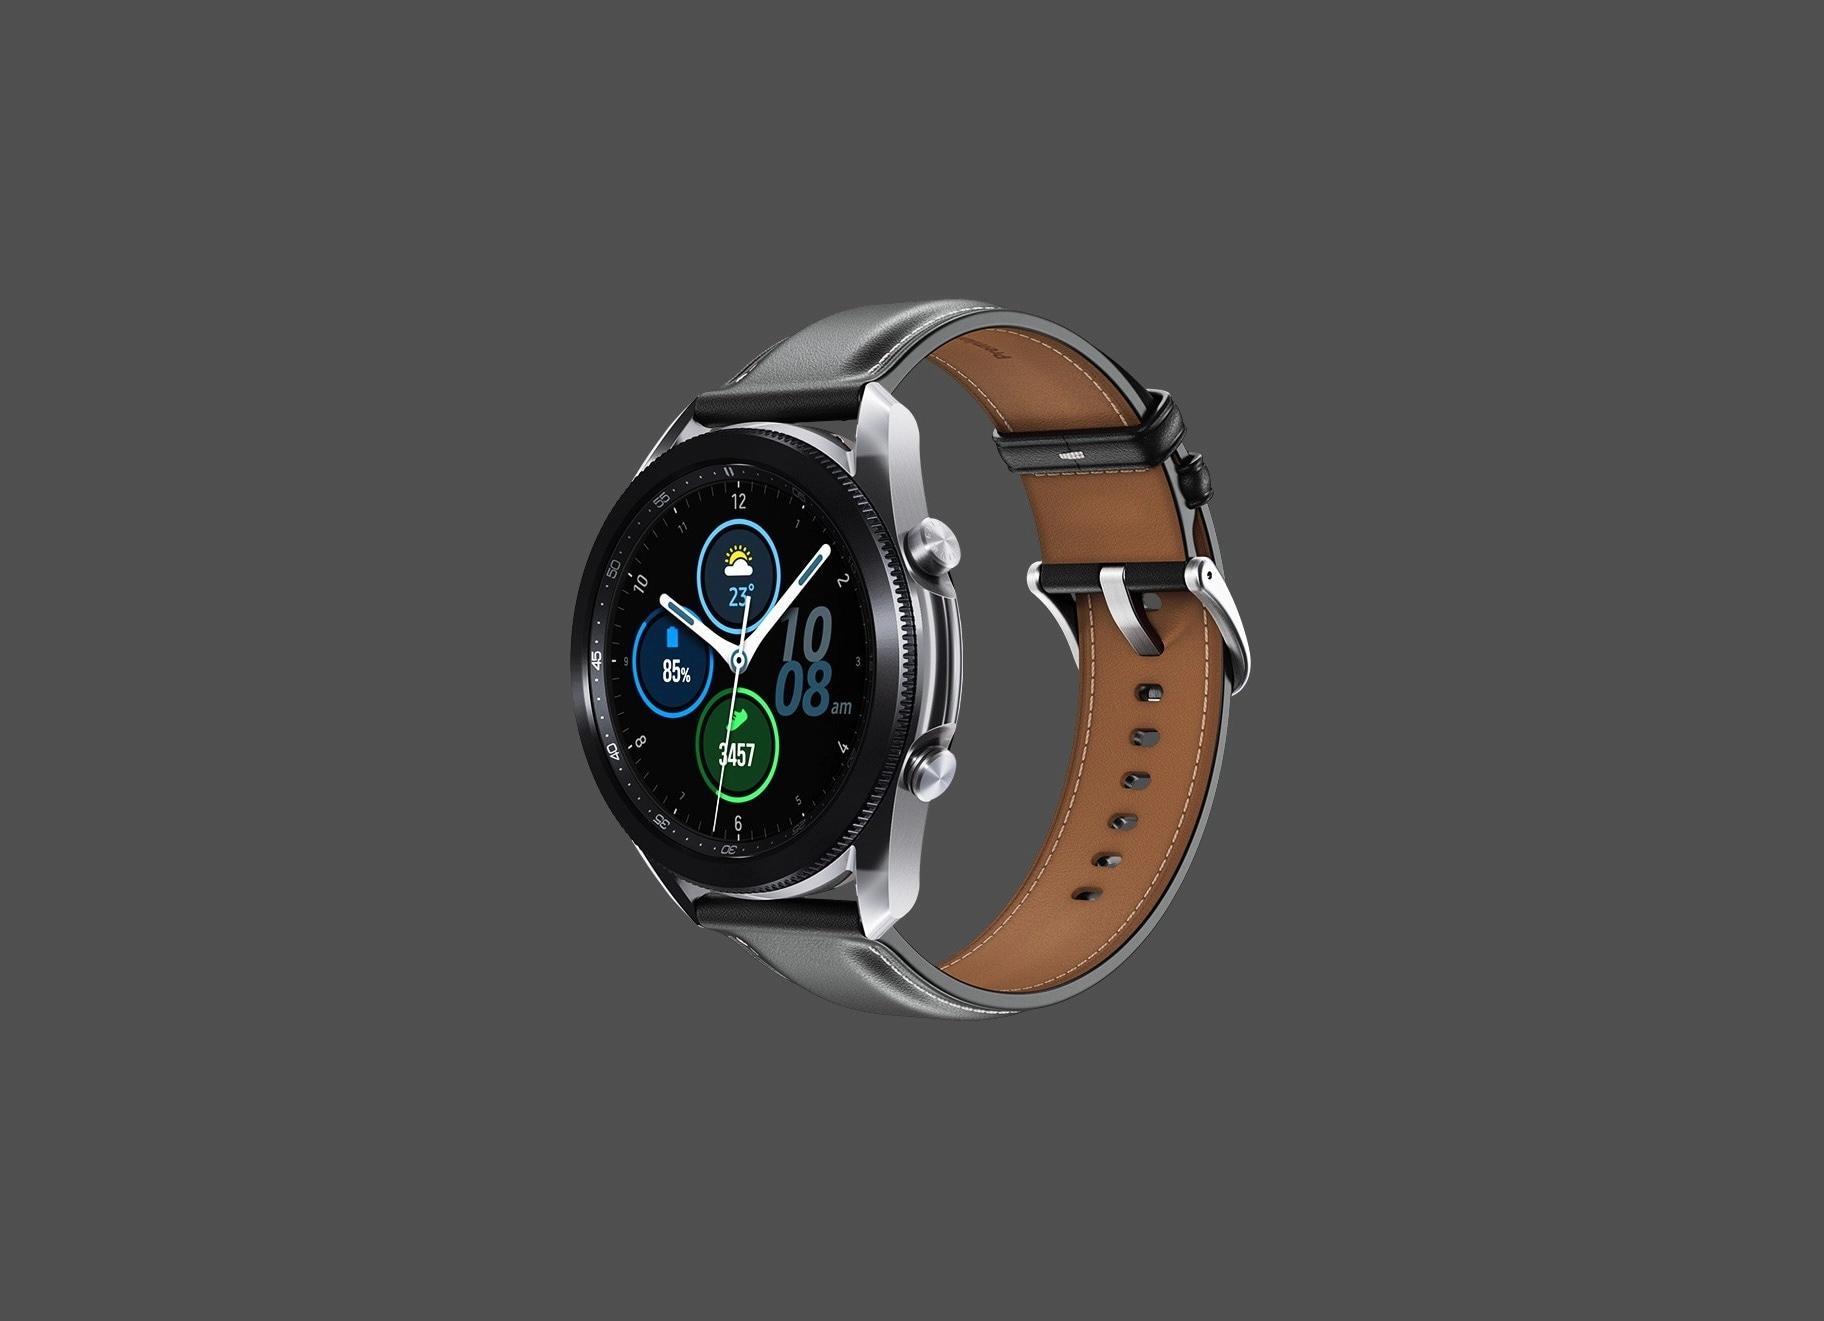 Вот это поворот: следующие умные часы Samsung будут работать на Android, вместо Tizen